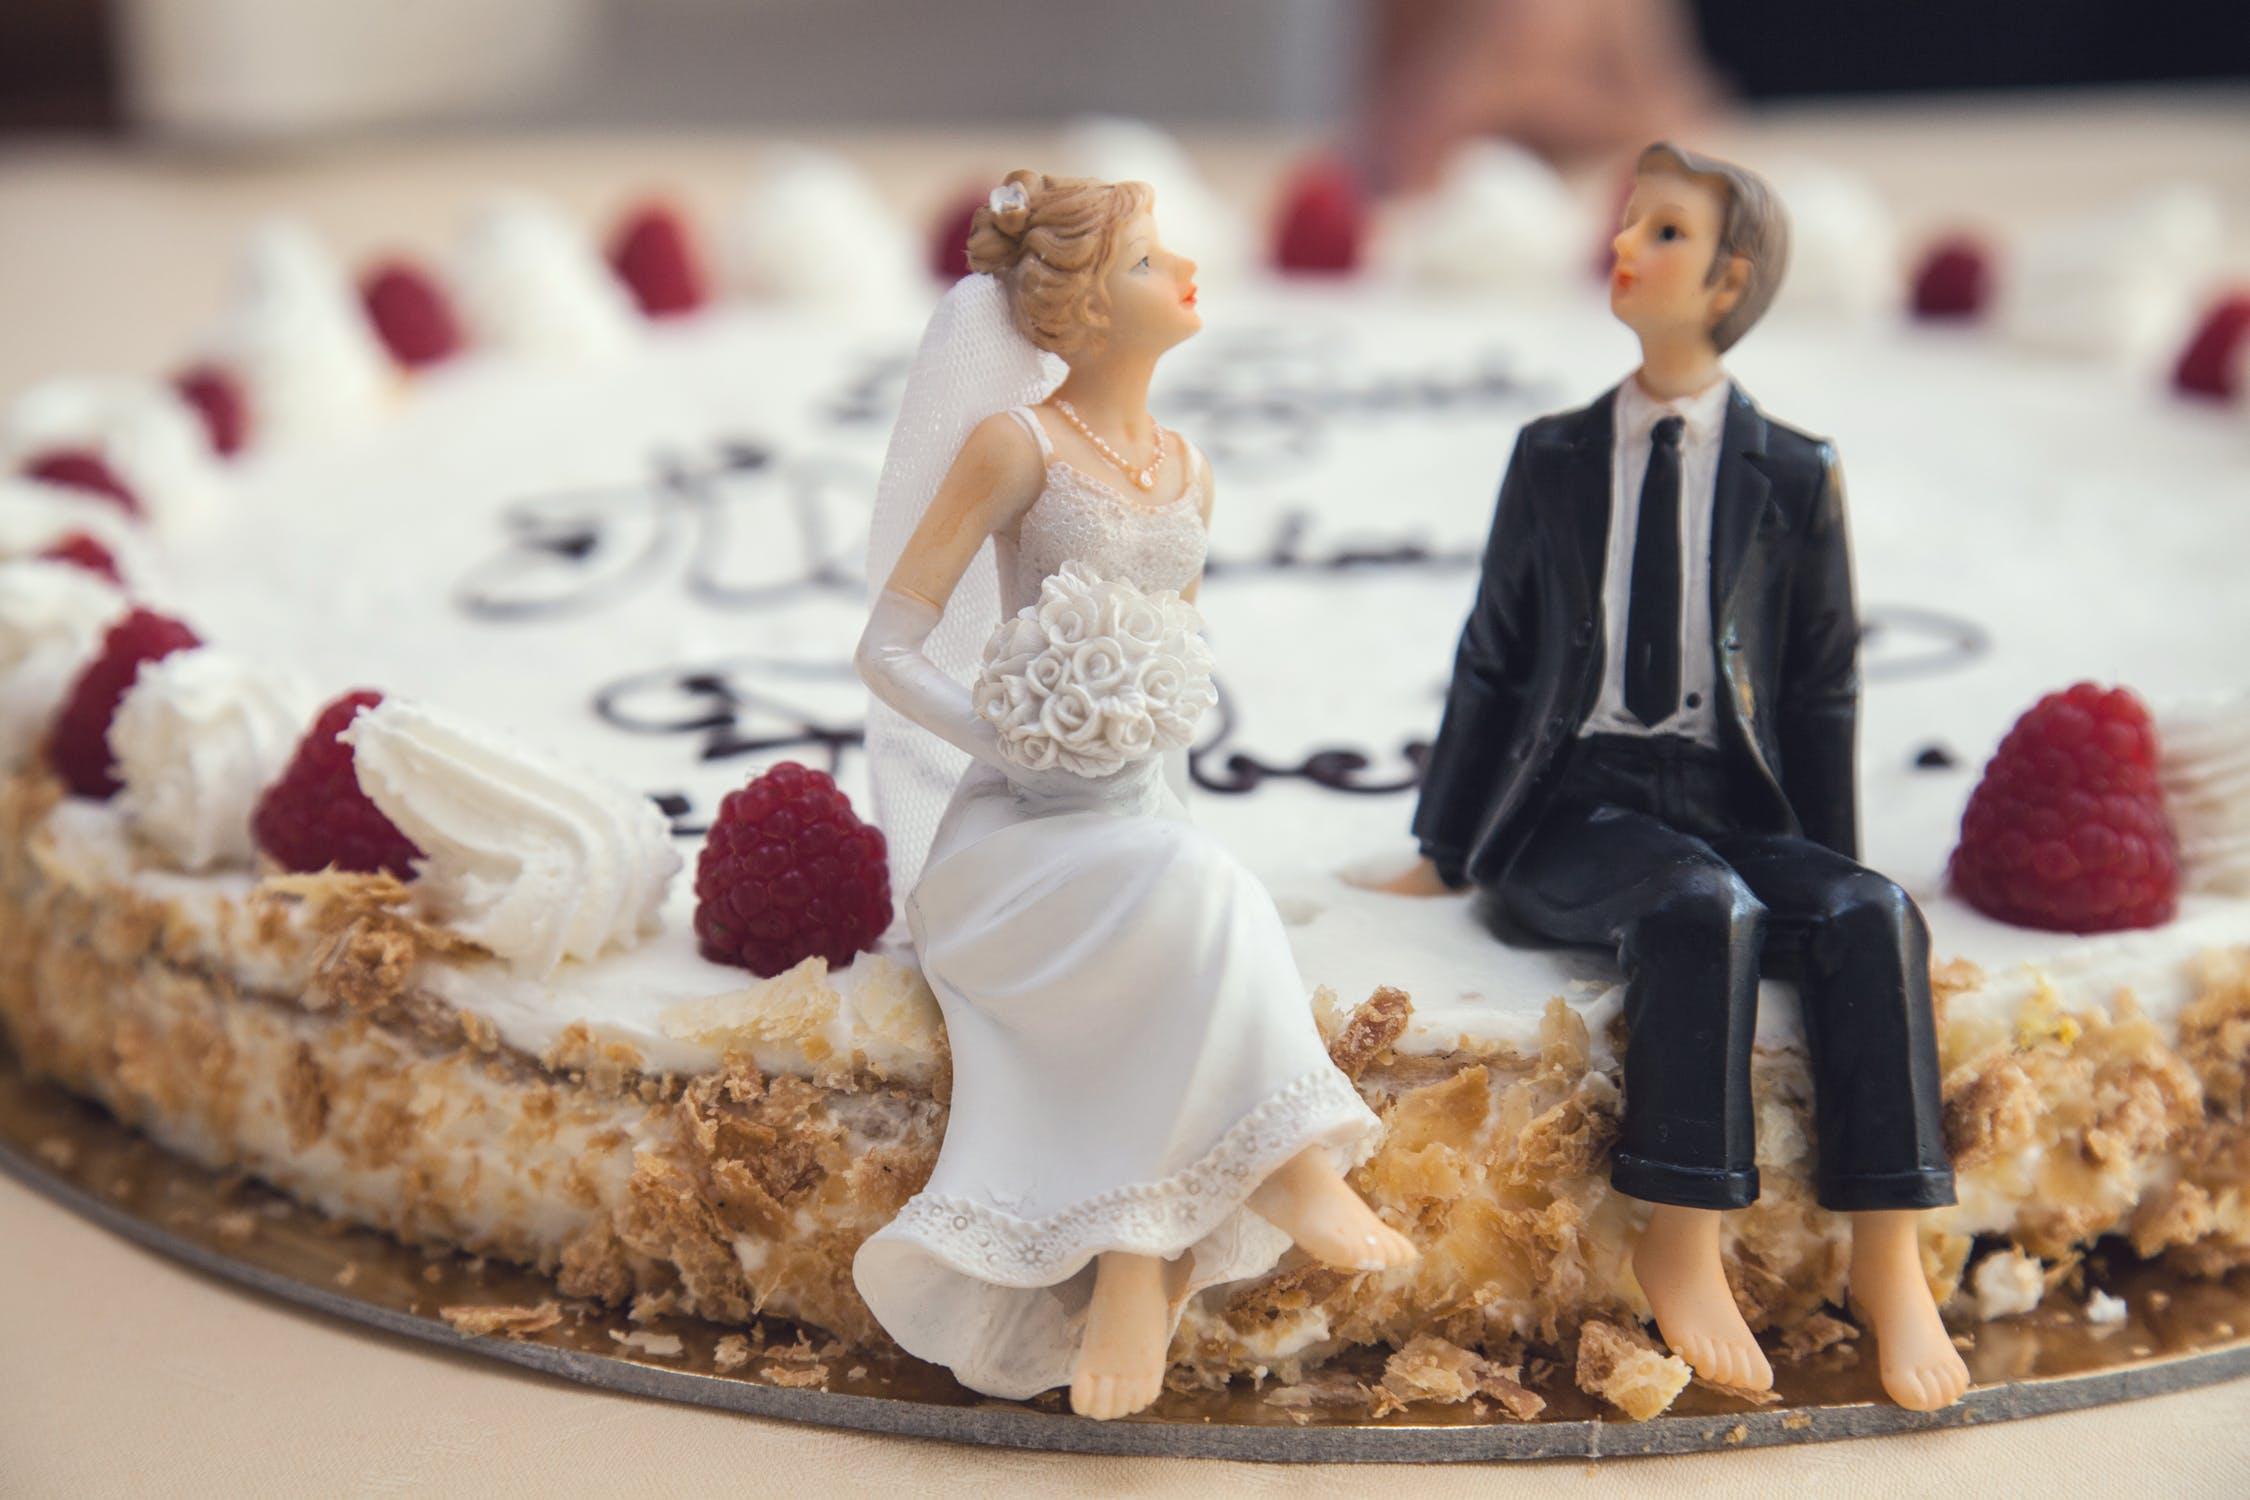 ¡Quién quiere casarse simplemente se casa!